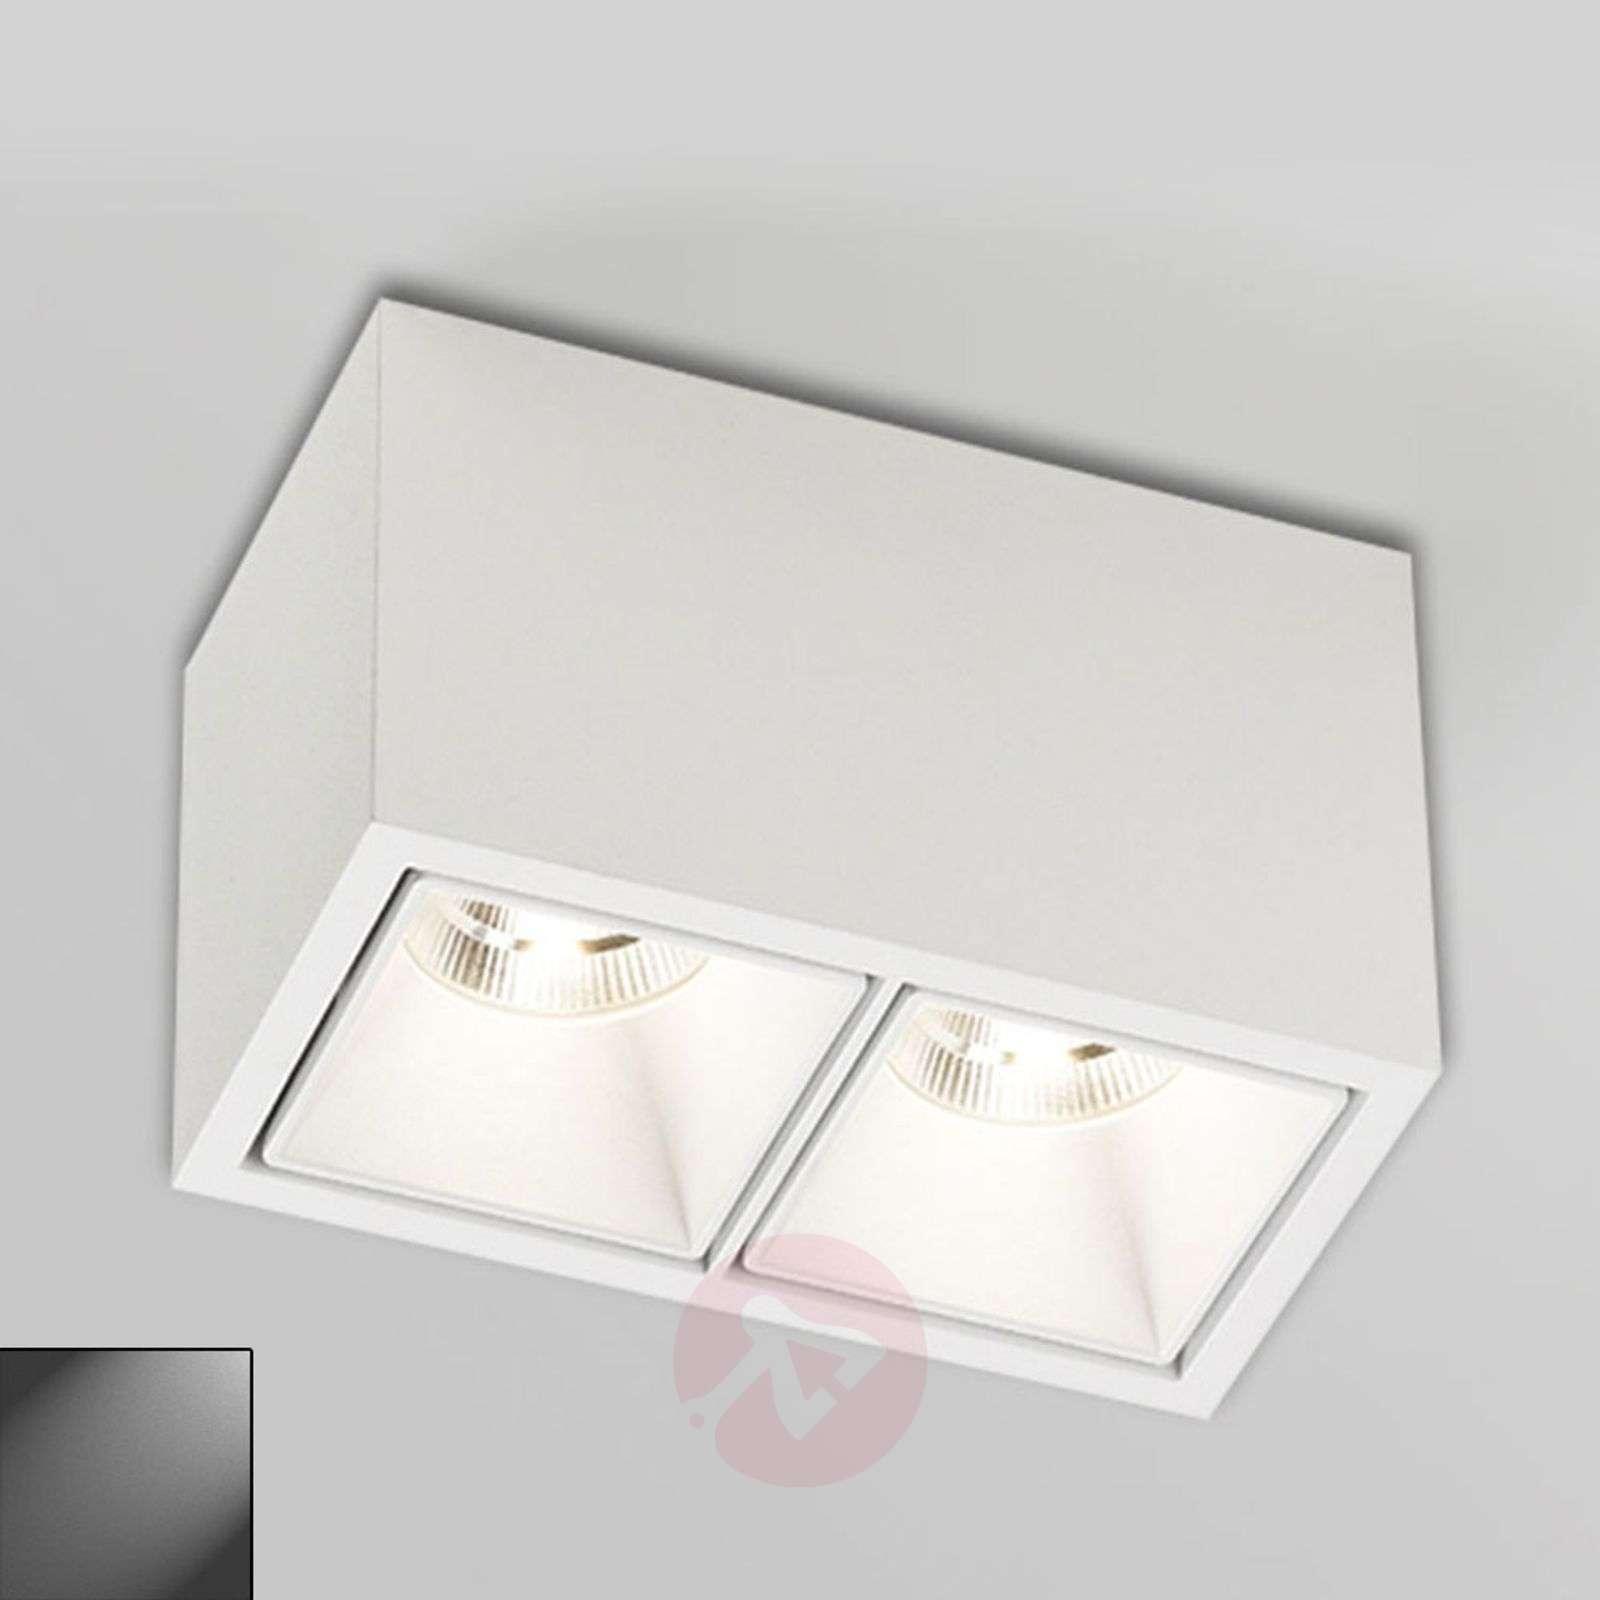 2-osainen Boxy 2+LED 3033-ulkospotti IP53-2520060X-01